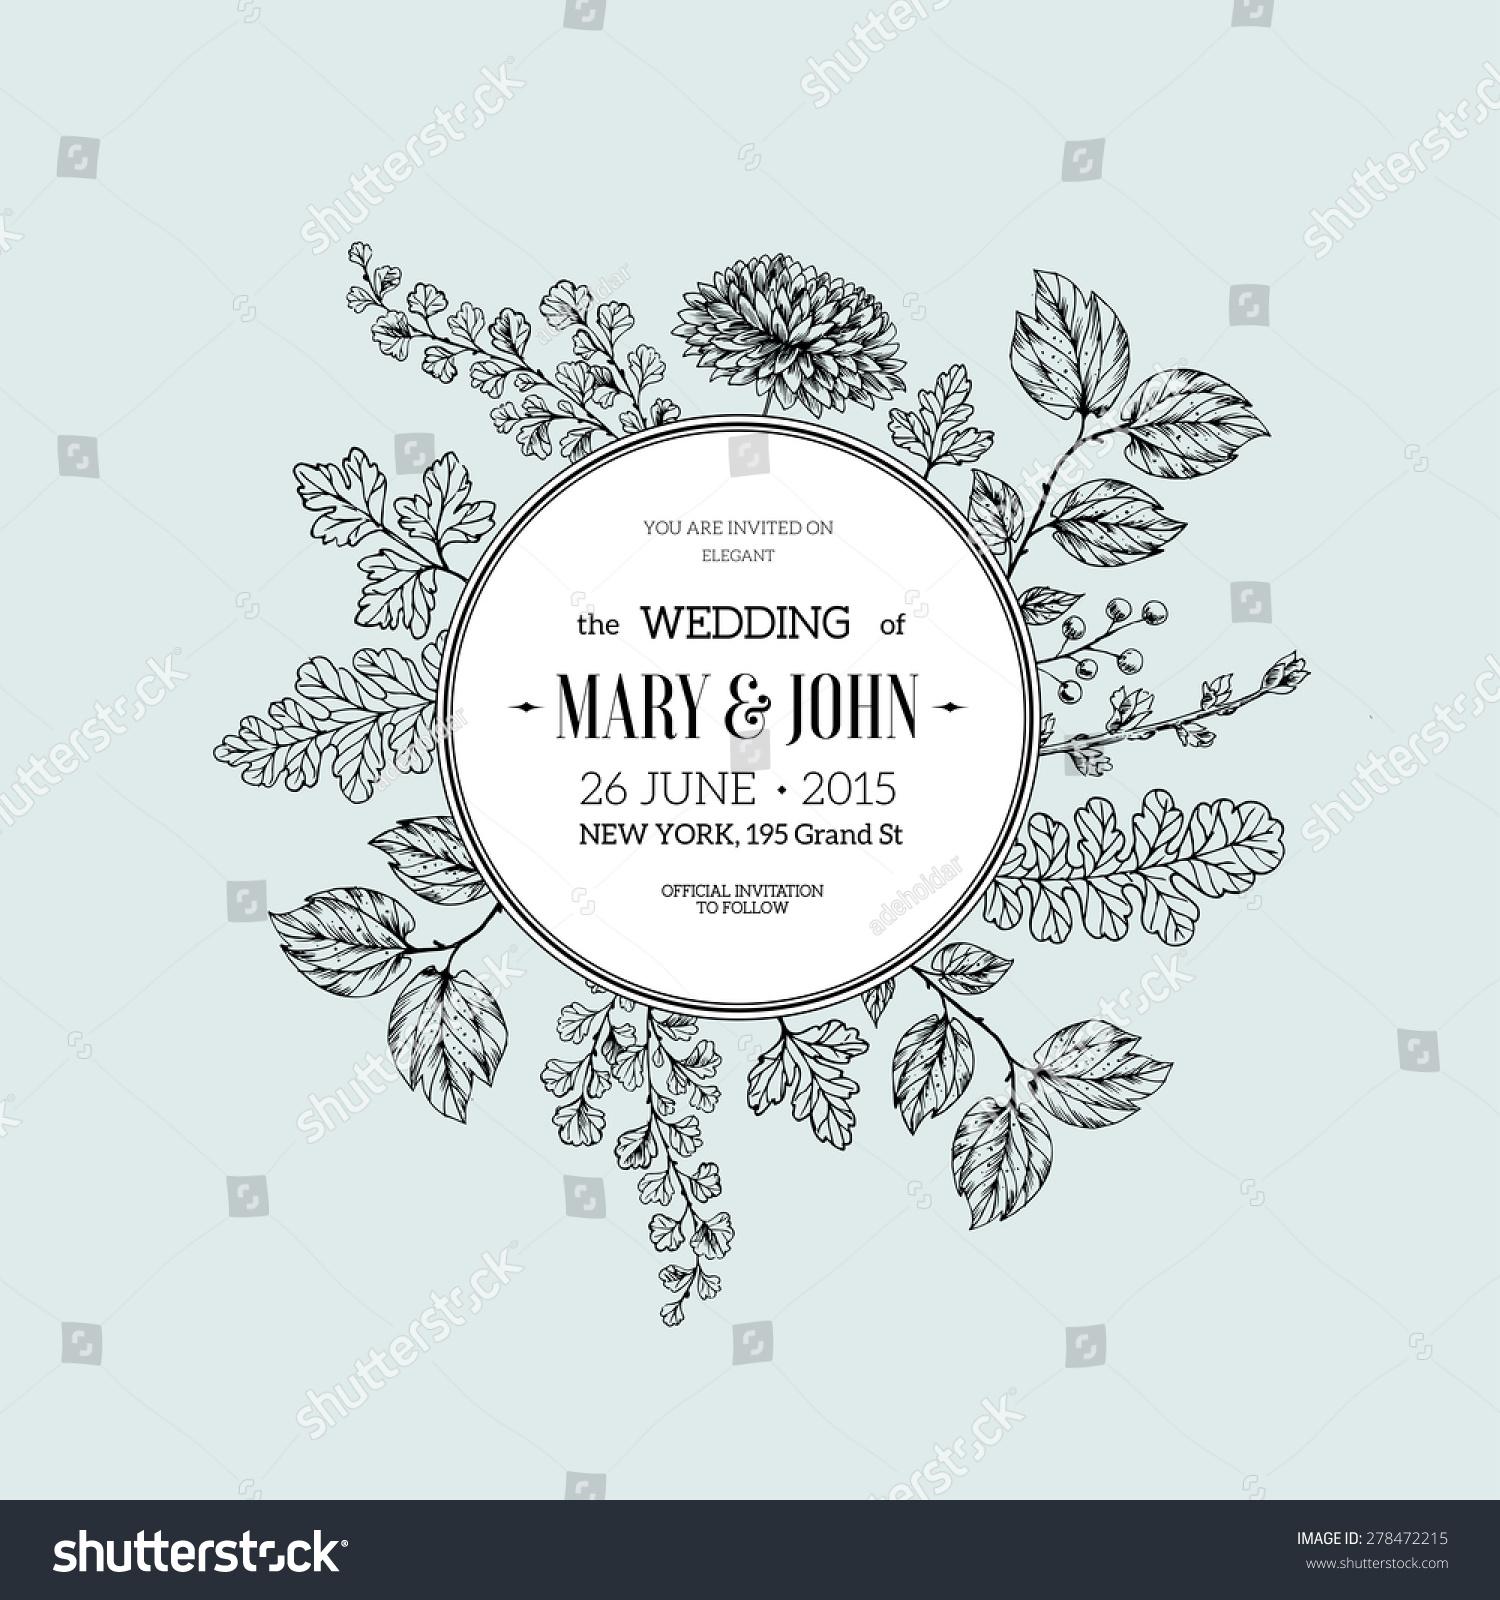 手绘花卉的婚礼的邀请.矢量图-背景/素材,复古风格-()